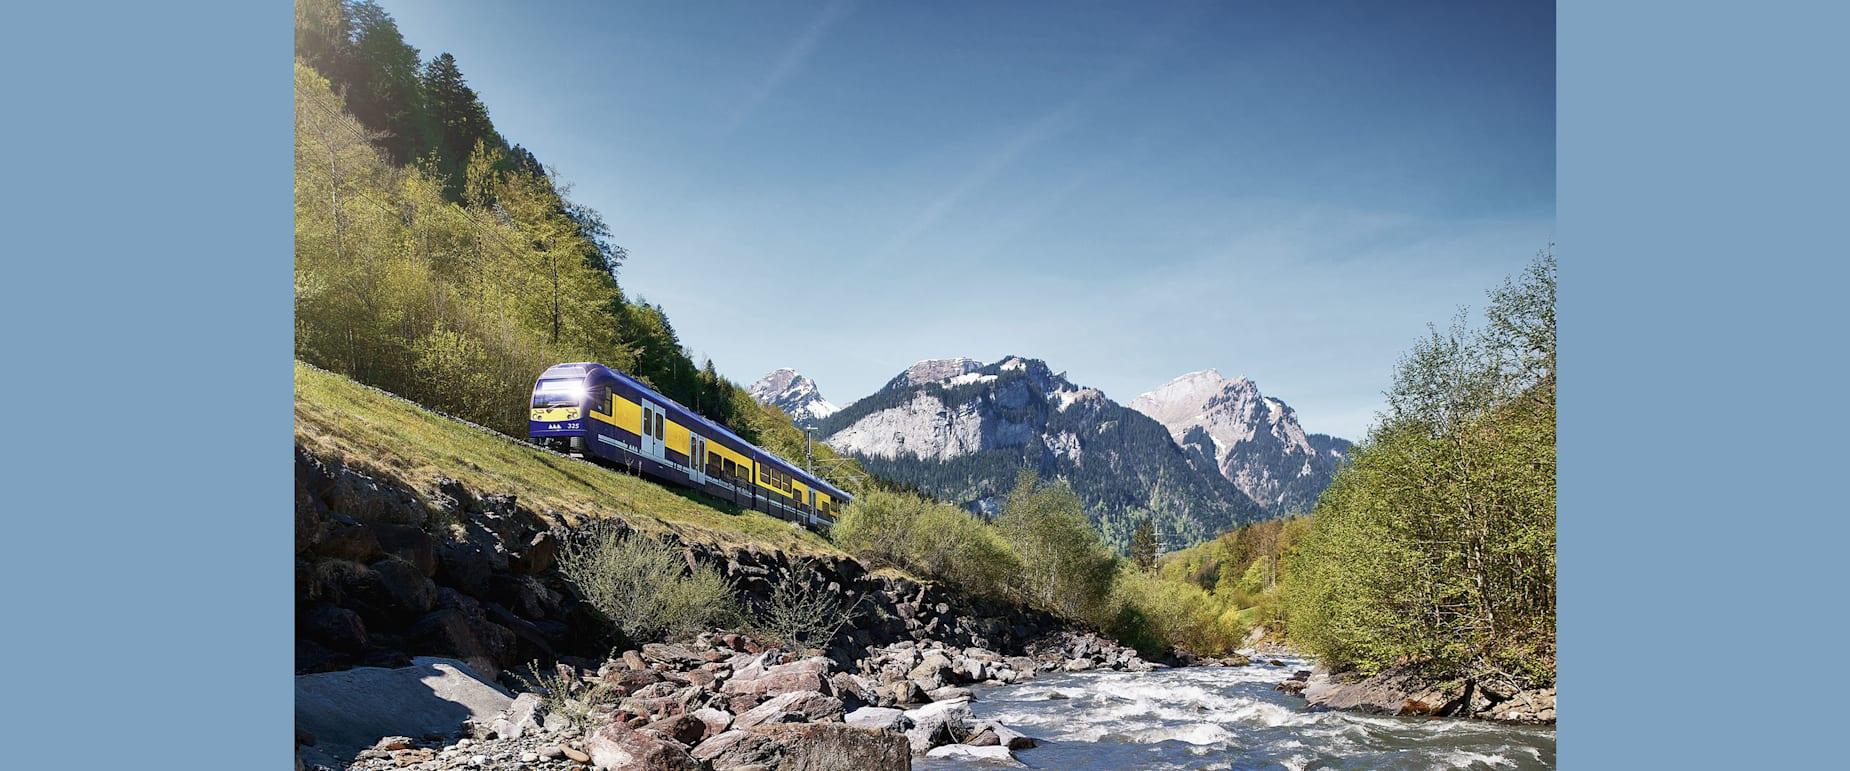 Berner oberlandbahn sommer natur